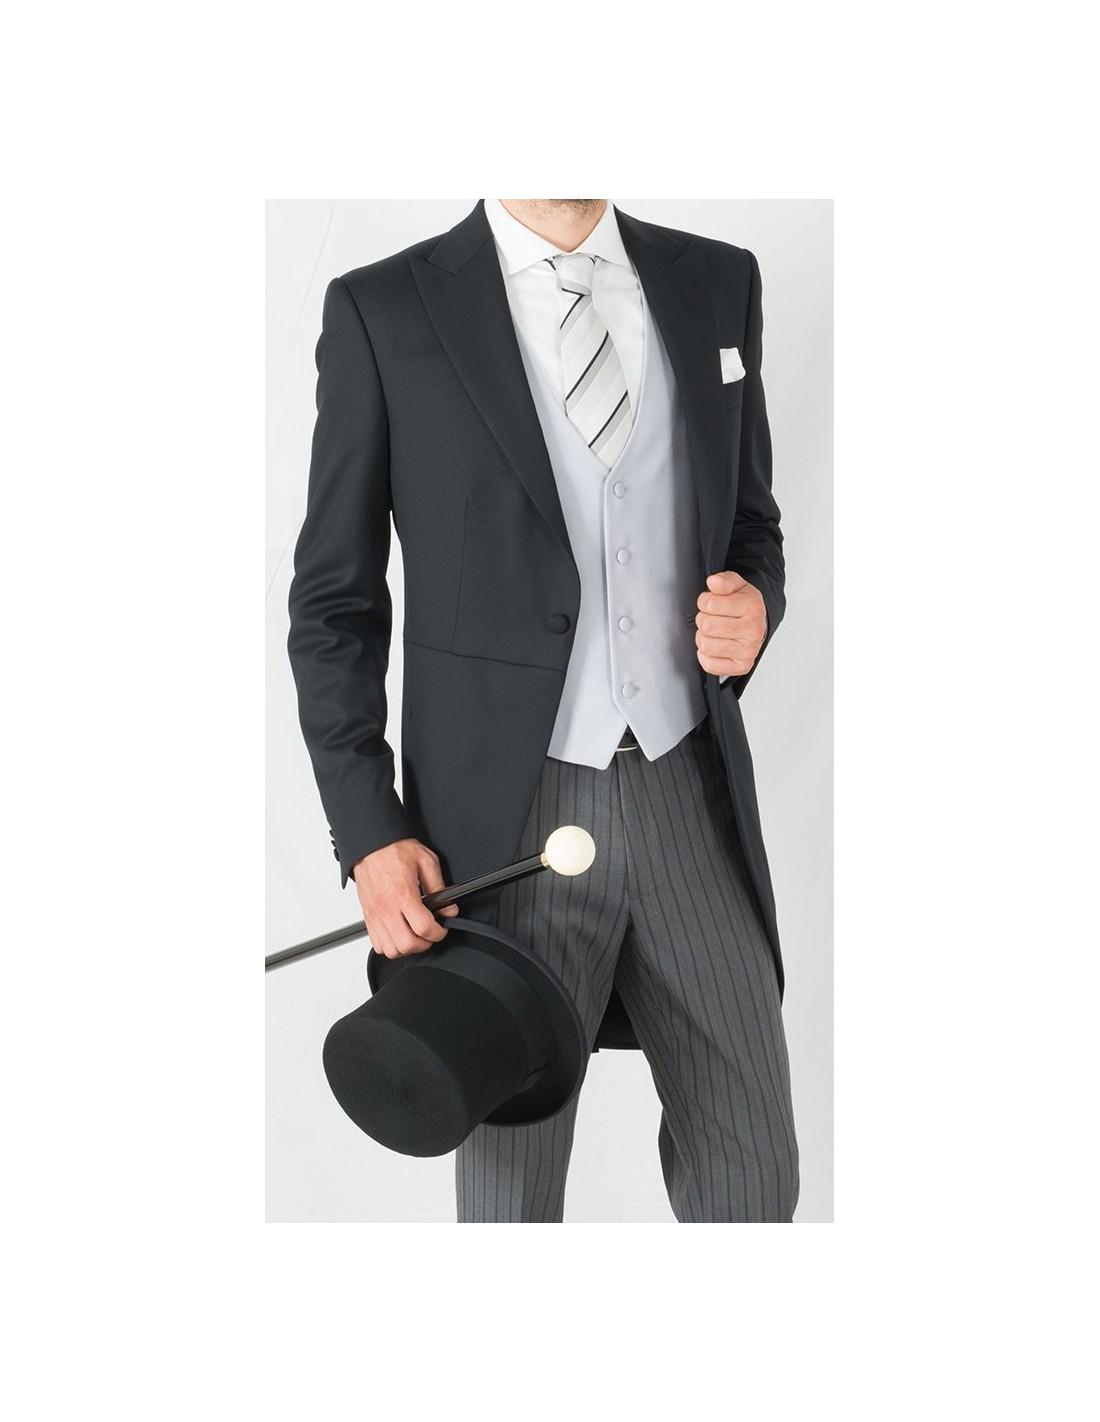 Abito Matrimonio Uomo Tight : Tight da sposo vestito tight a milano sartoria confezione e vendita